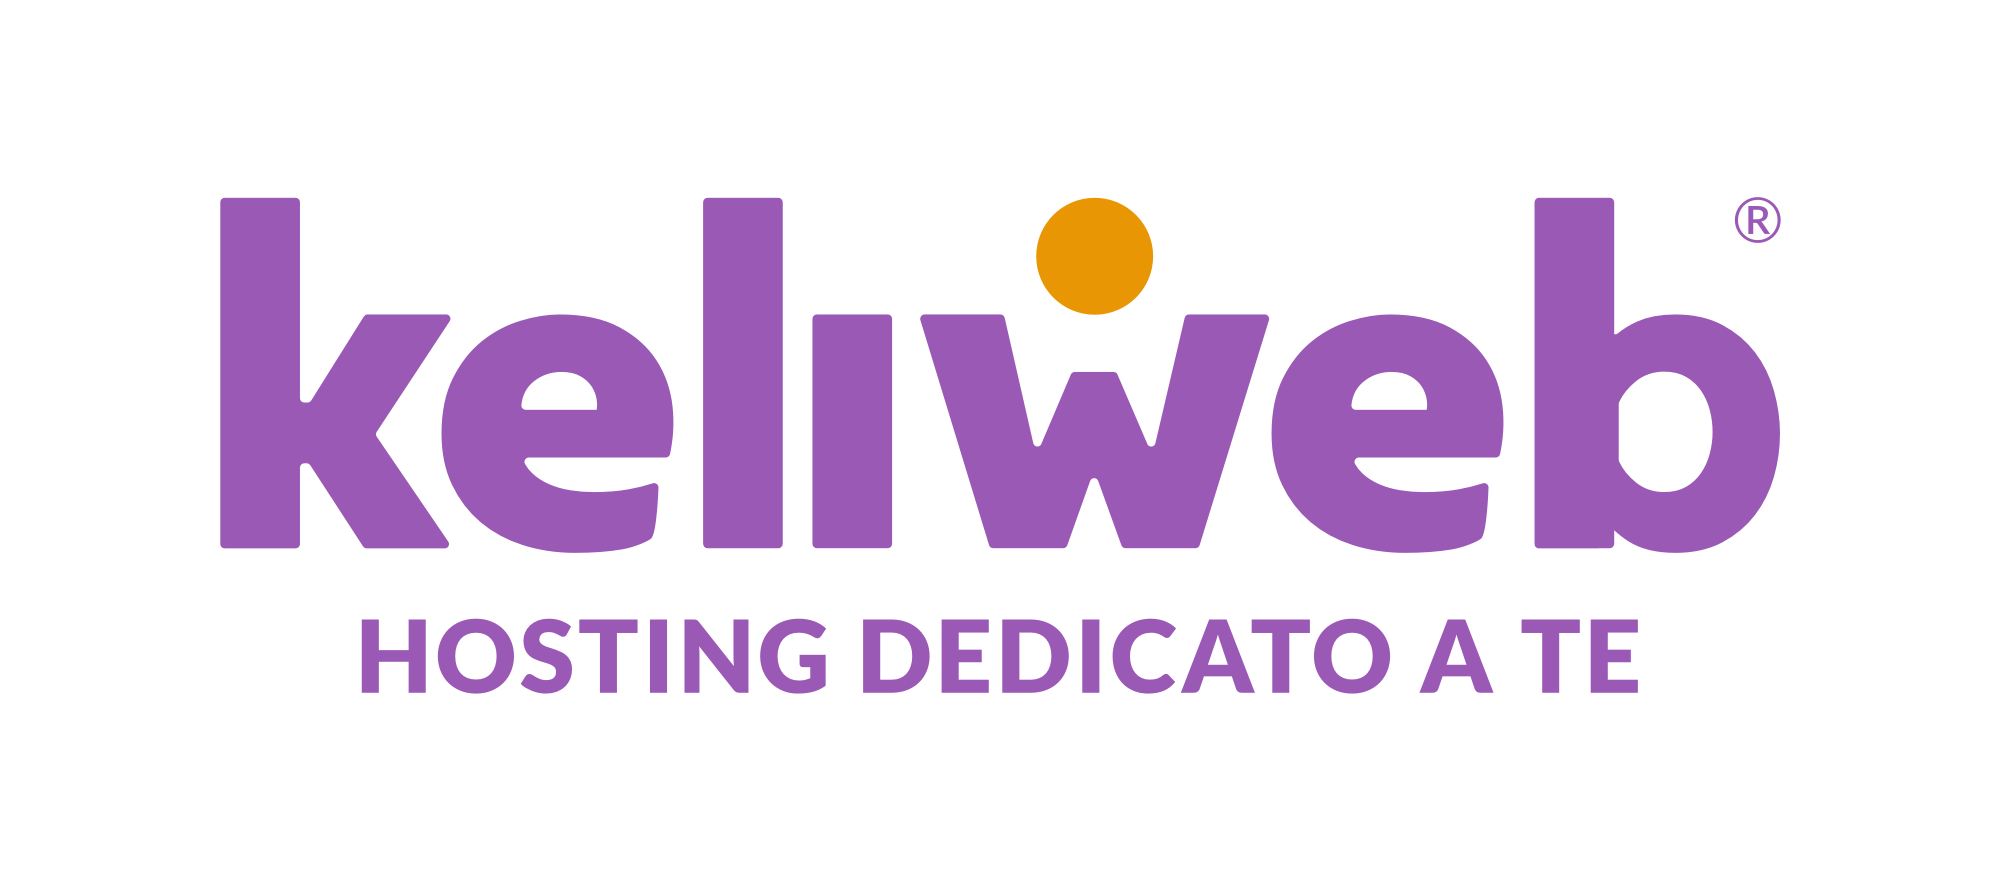 Come creare un logo per un'azienda: l'esempio di Keliweb